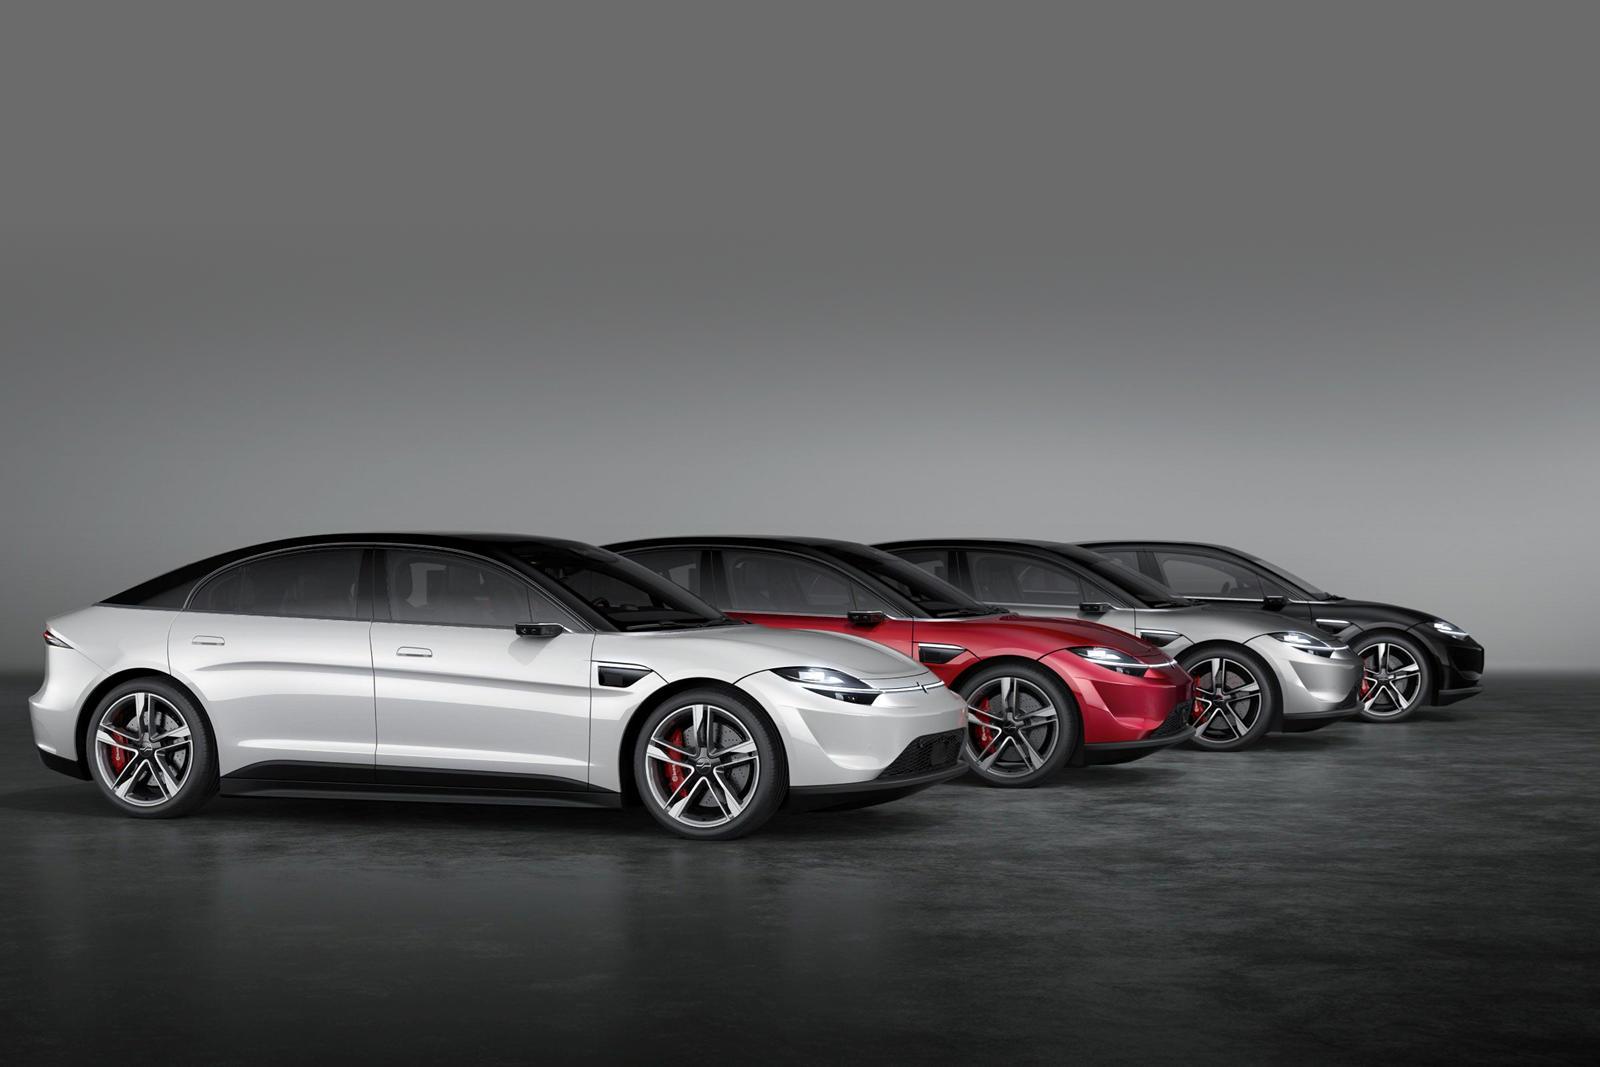 В недавнем интервью Car and Driver представитель Sony сказал, что автомобиль не будет предназначен для потребительского рынка, а вместо этого будет использоваться в качестве испытательной платформы для технологий автономного вождения компании: